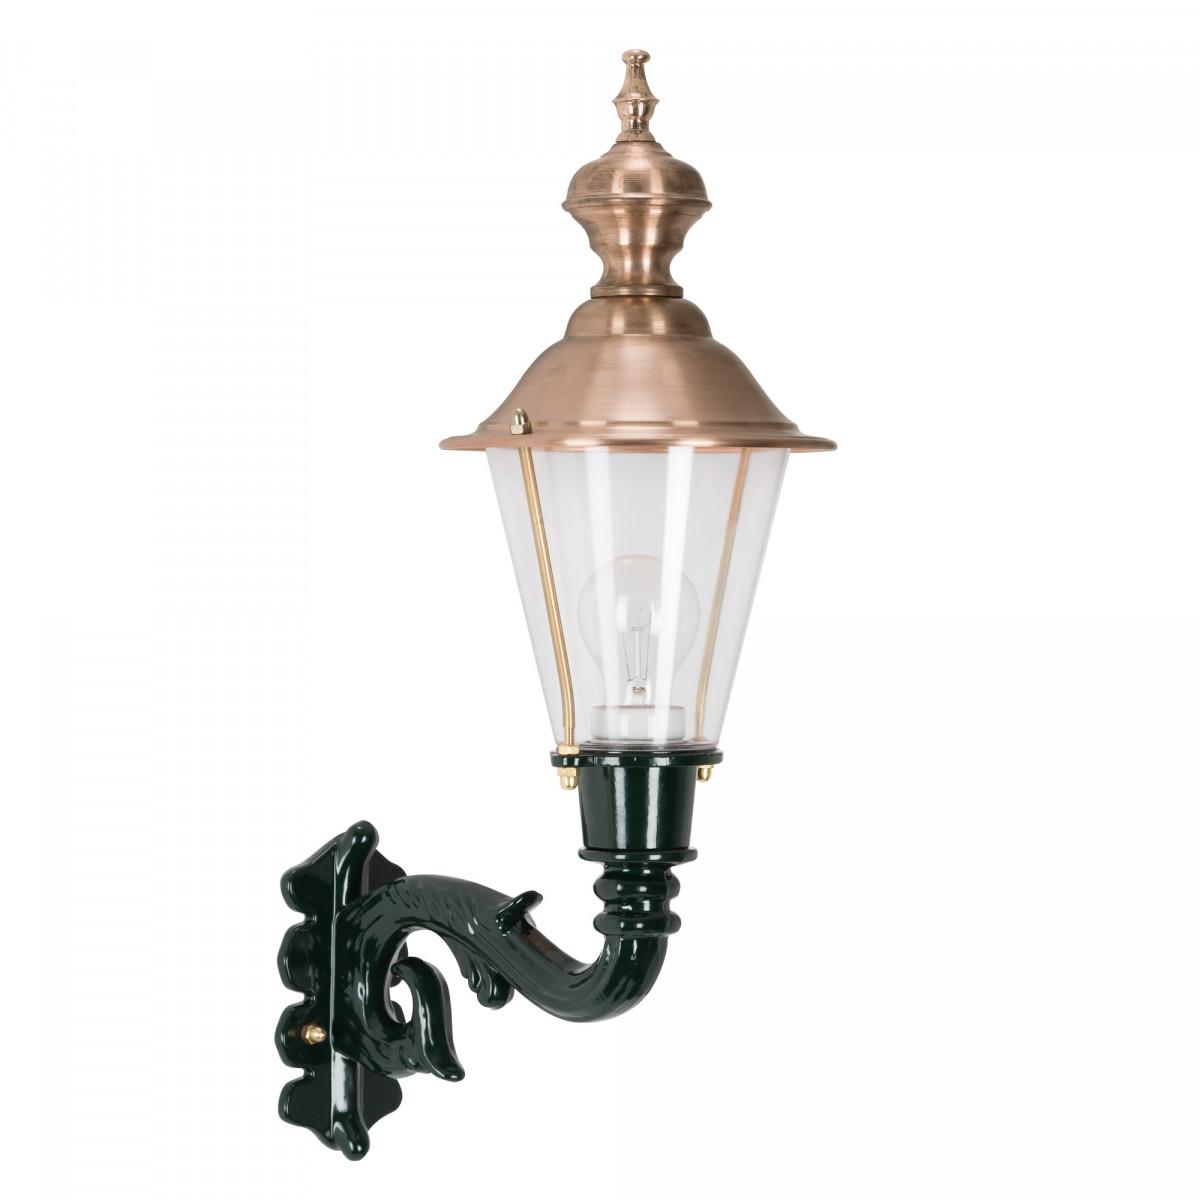 buitenverlichting landelijk - Klassieke buitenlamp  KS Hoorn staand M groen - rond koper